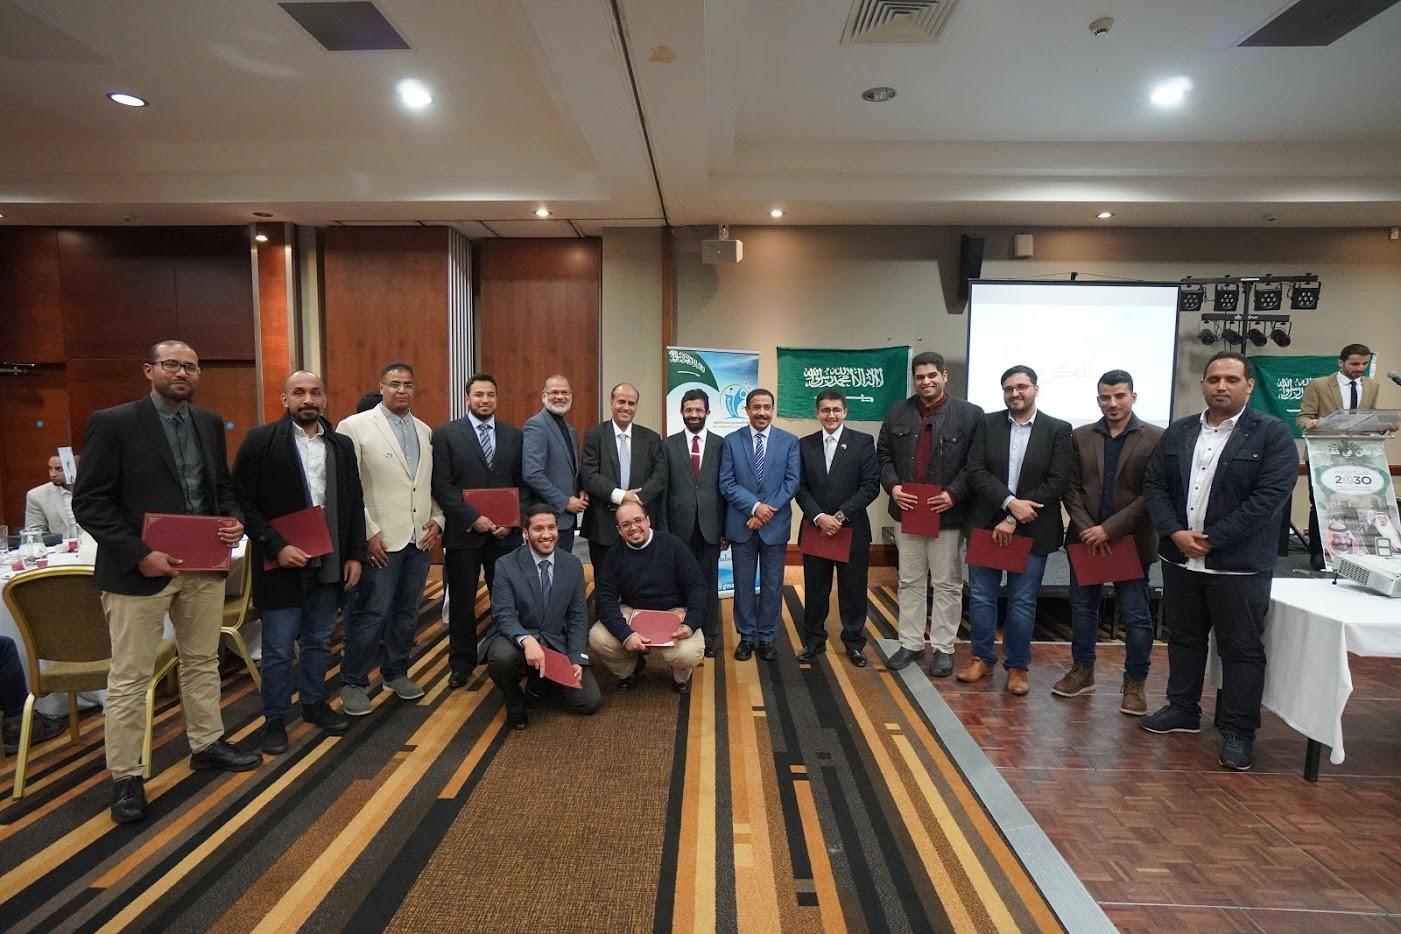 صورة مع جميع المتخرجين المكرمين